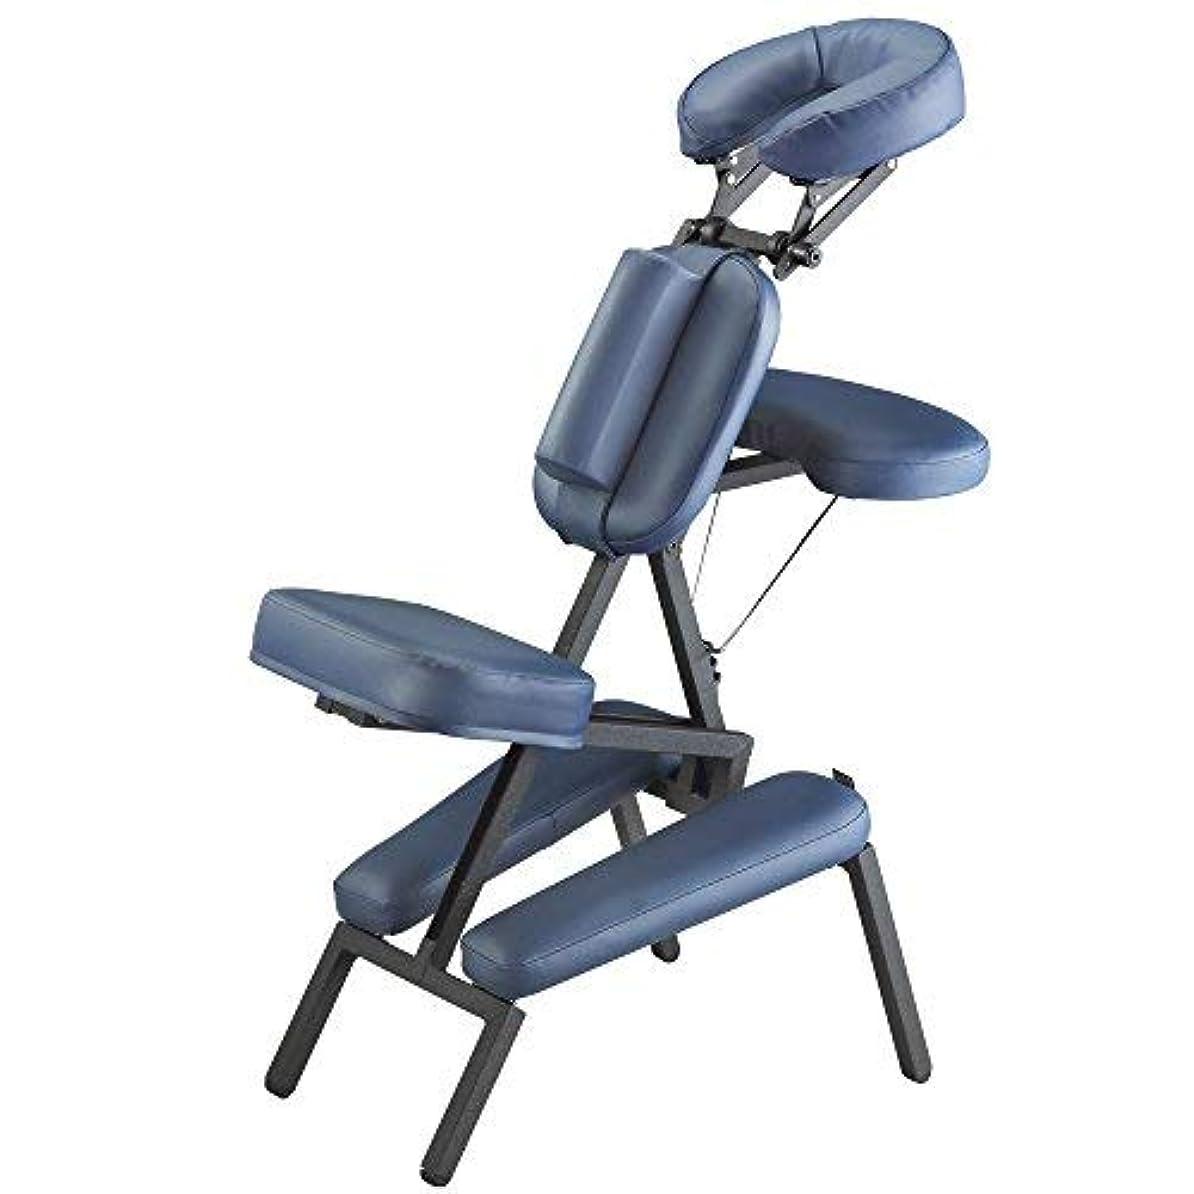 鮫ダイジェスト水平Master Massage Professional Portable Massage Chair in Blue [並行輸入品]